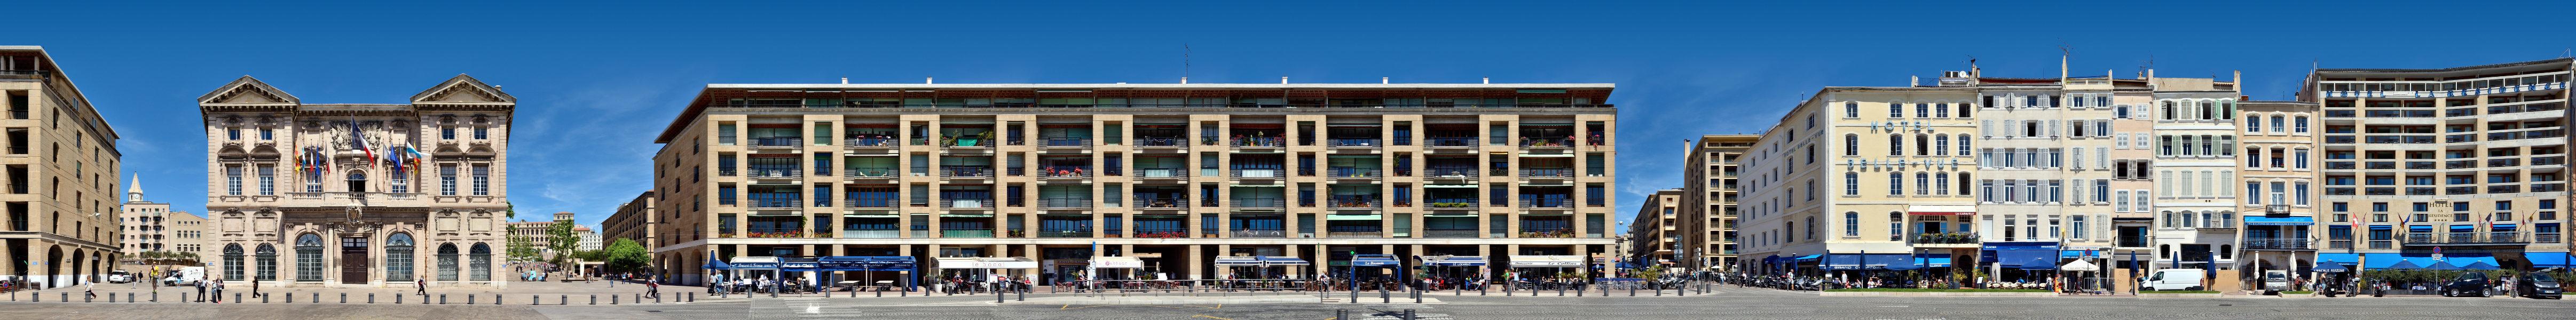 Hotel de Ville | Quai du Port